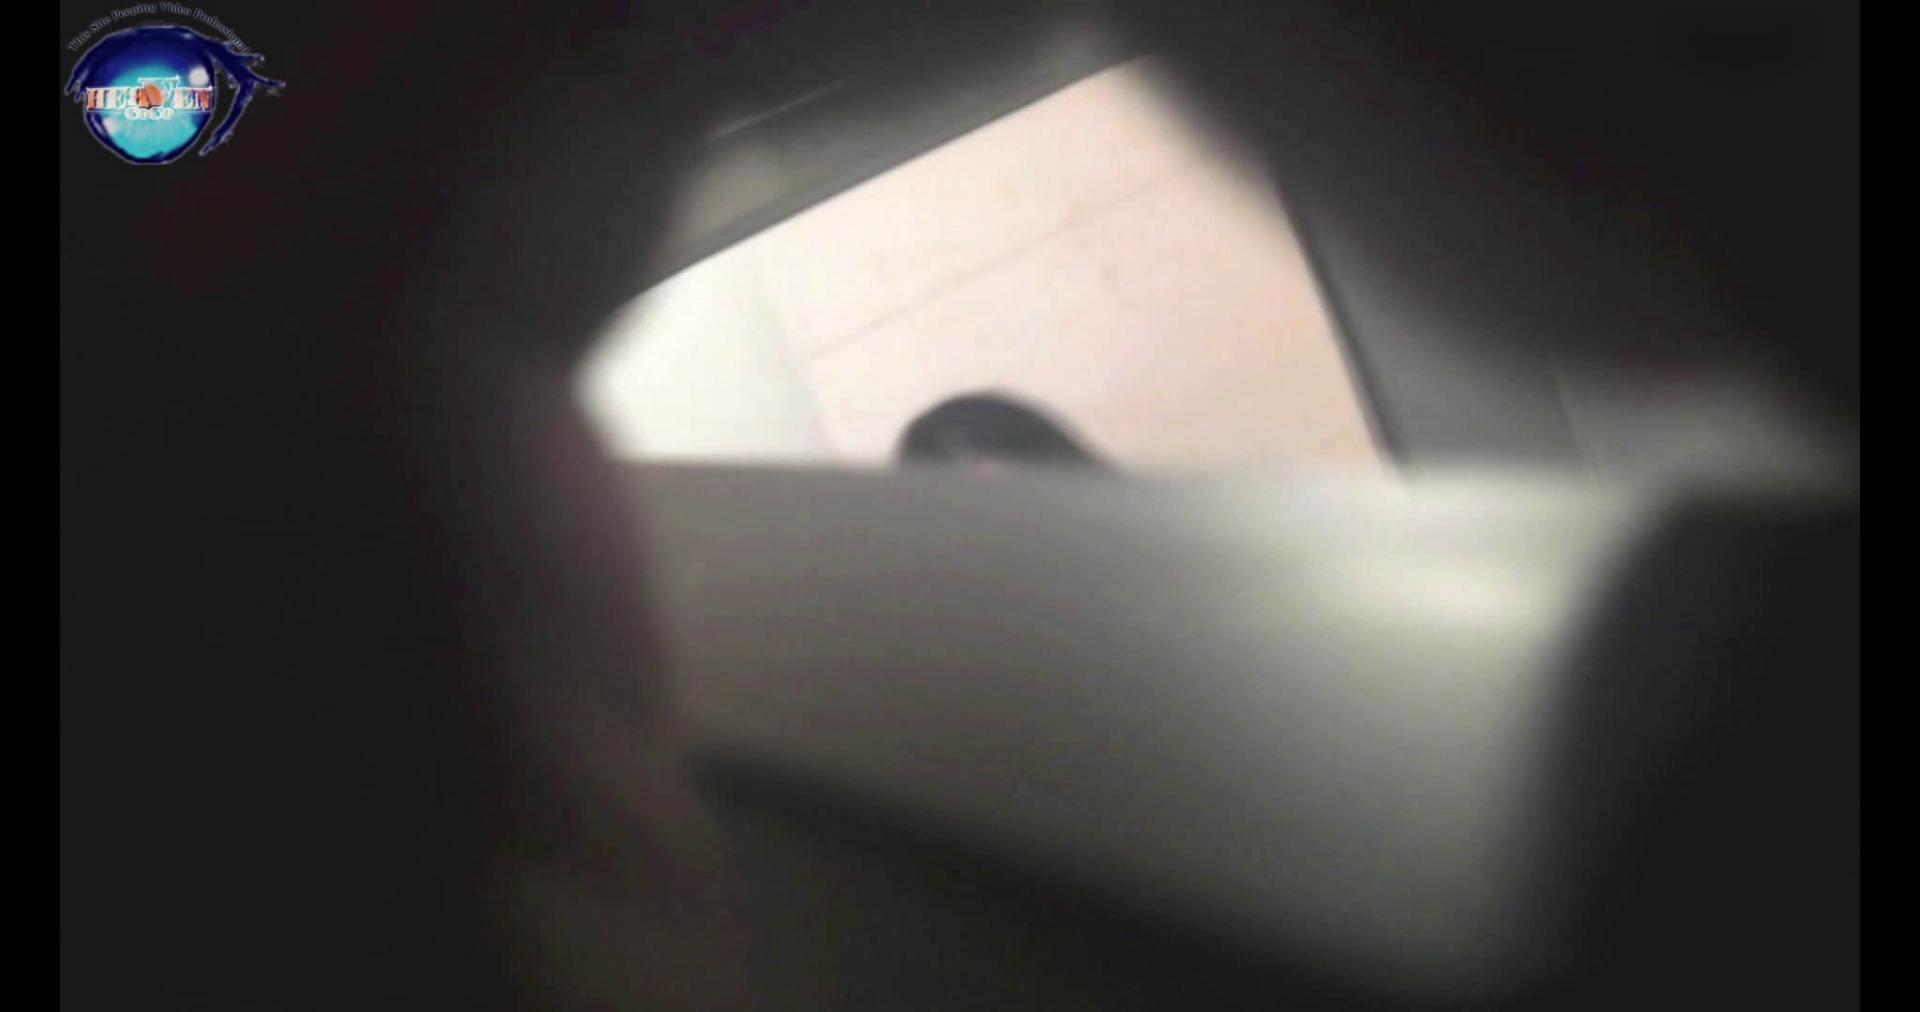 お銀さんの洗面所突入レポート!!vol.71 レベルアップ!!後編 洗面所 | OLセックス  110画像 9